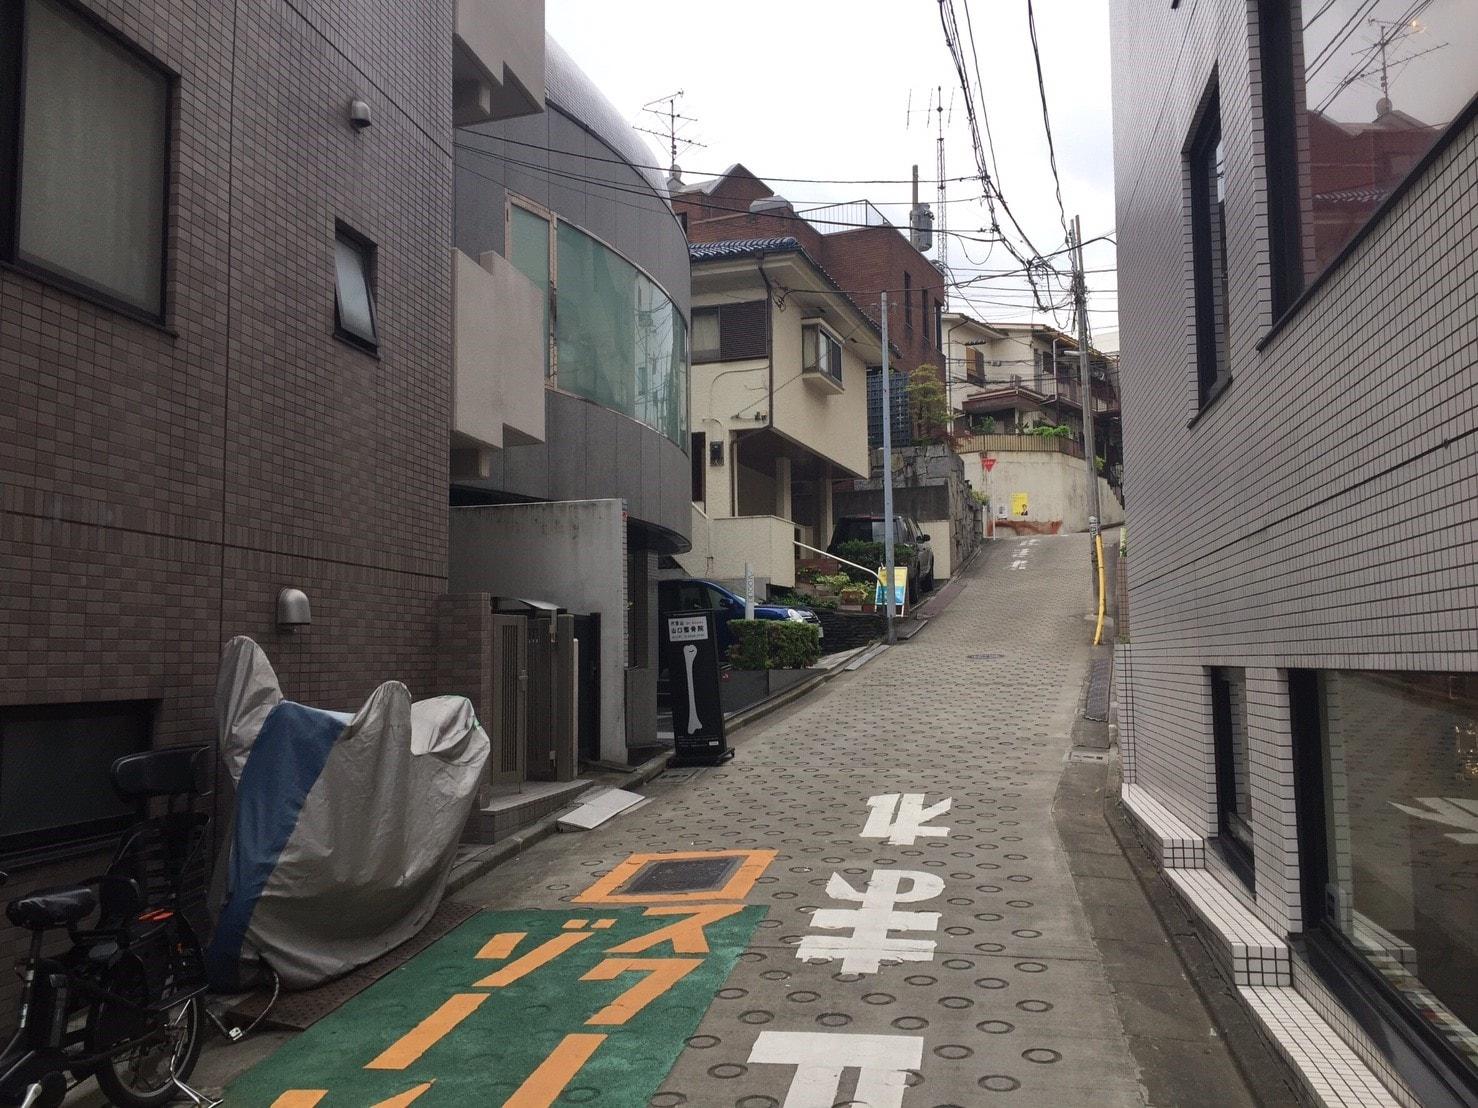 住宅街にある急斜面の坂